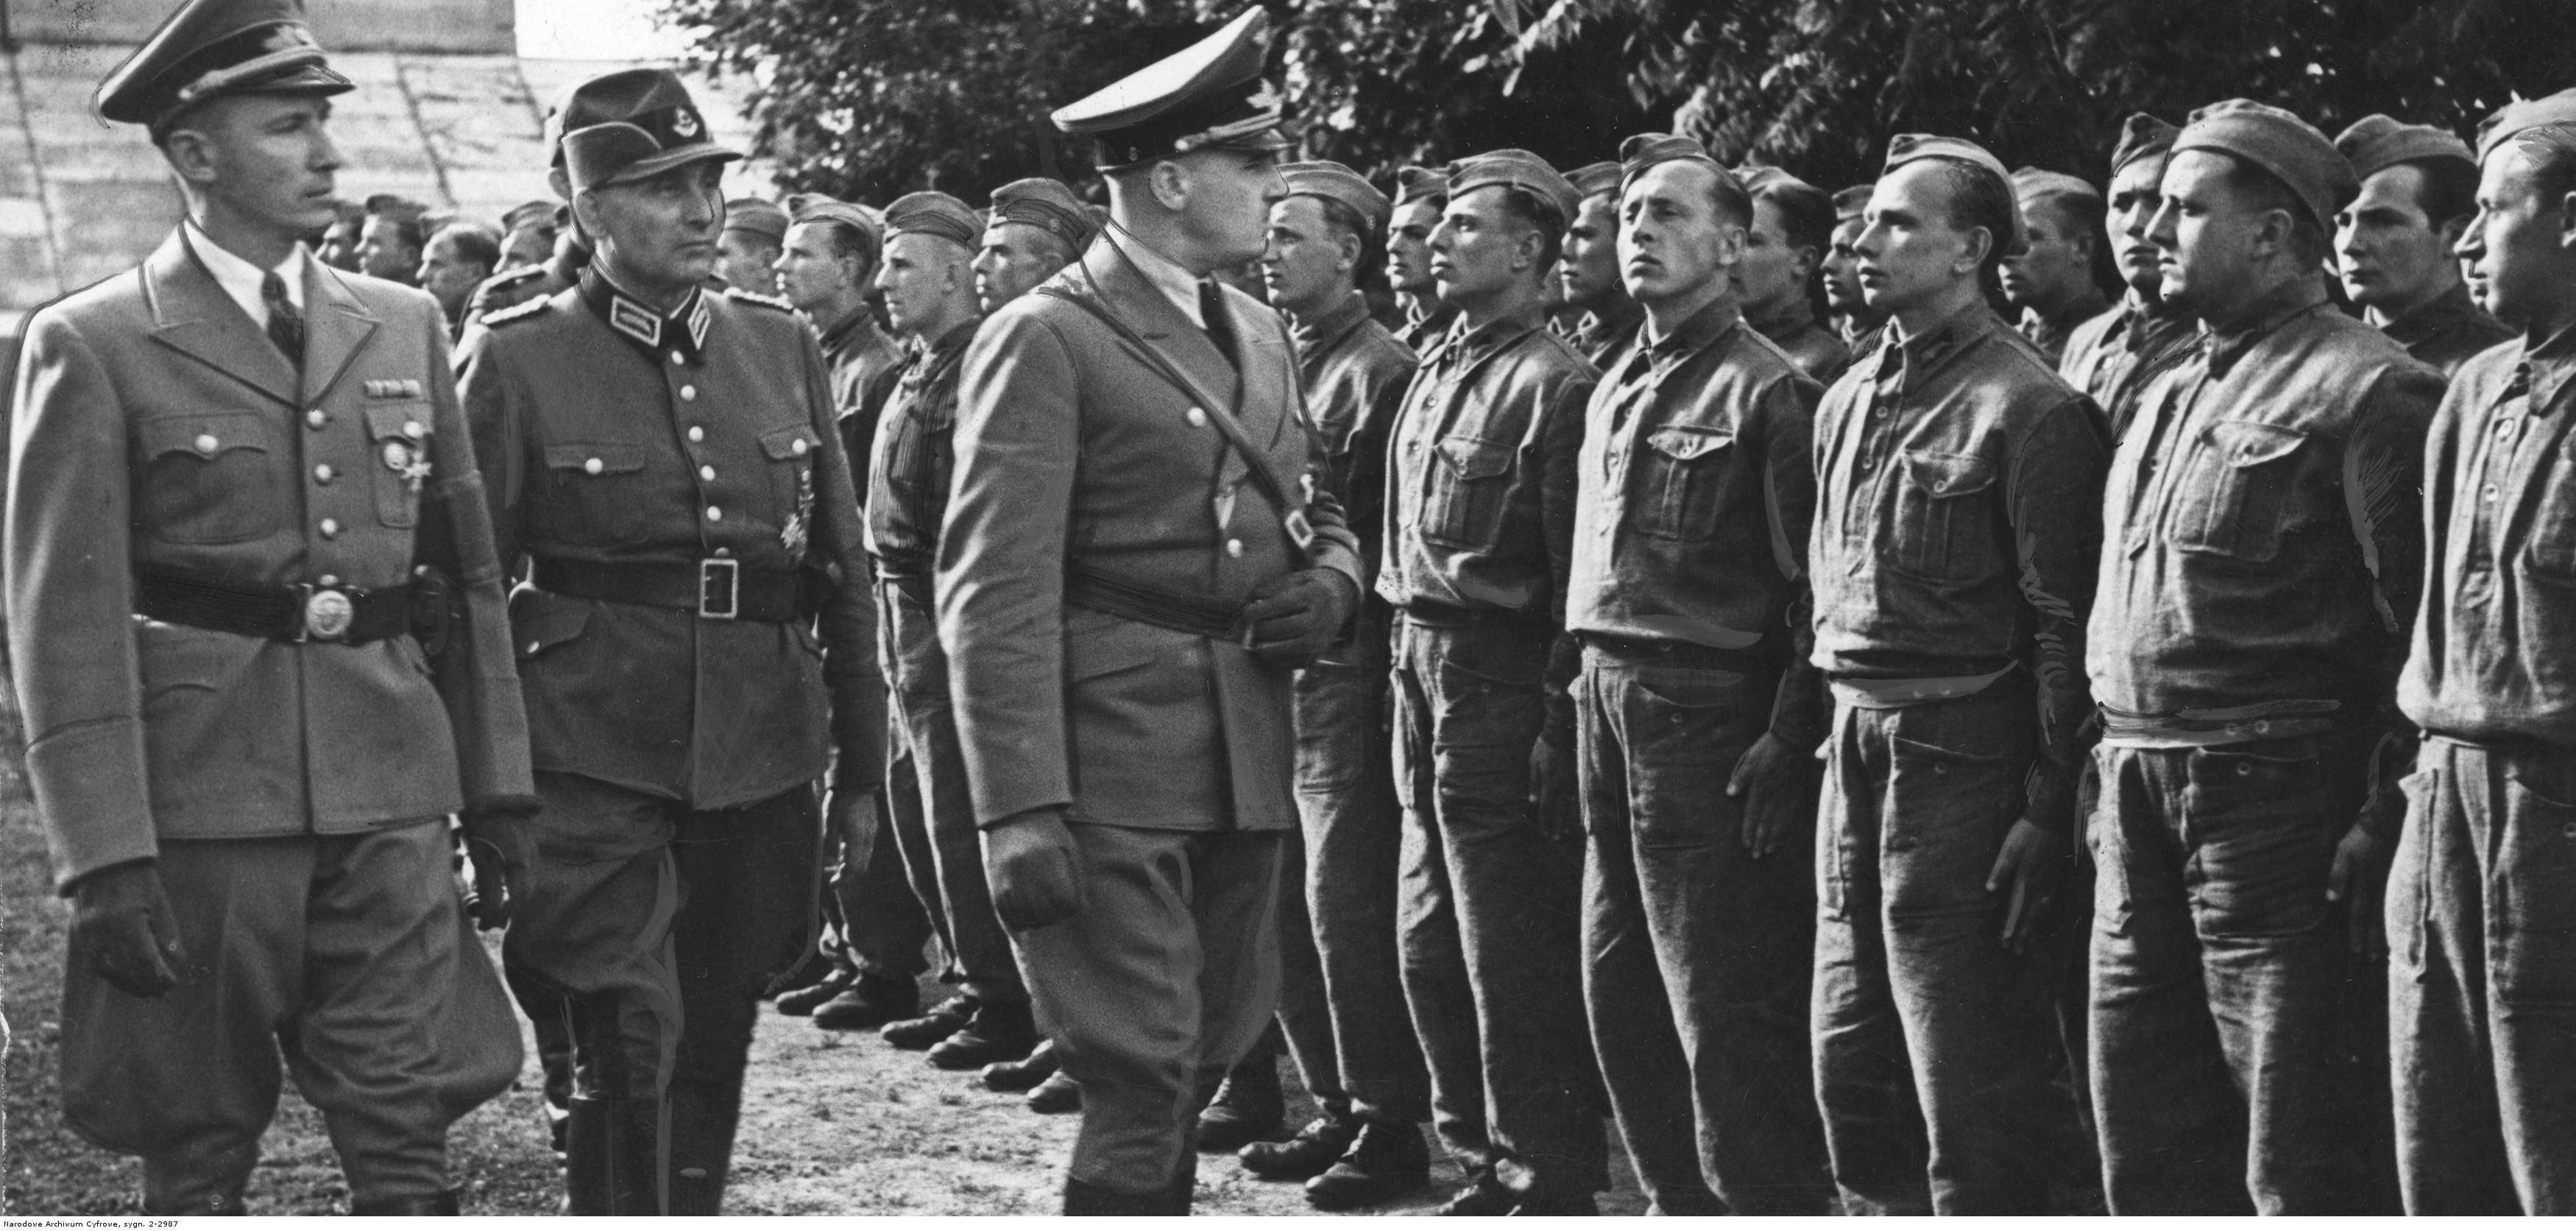 1943. Ганс Франк (третий слева) инспектирует украинский филиал строительной службы во время визита во Львов. Июнь